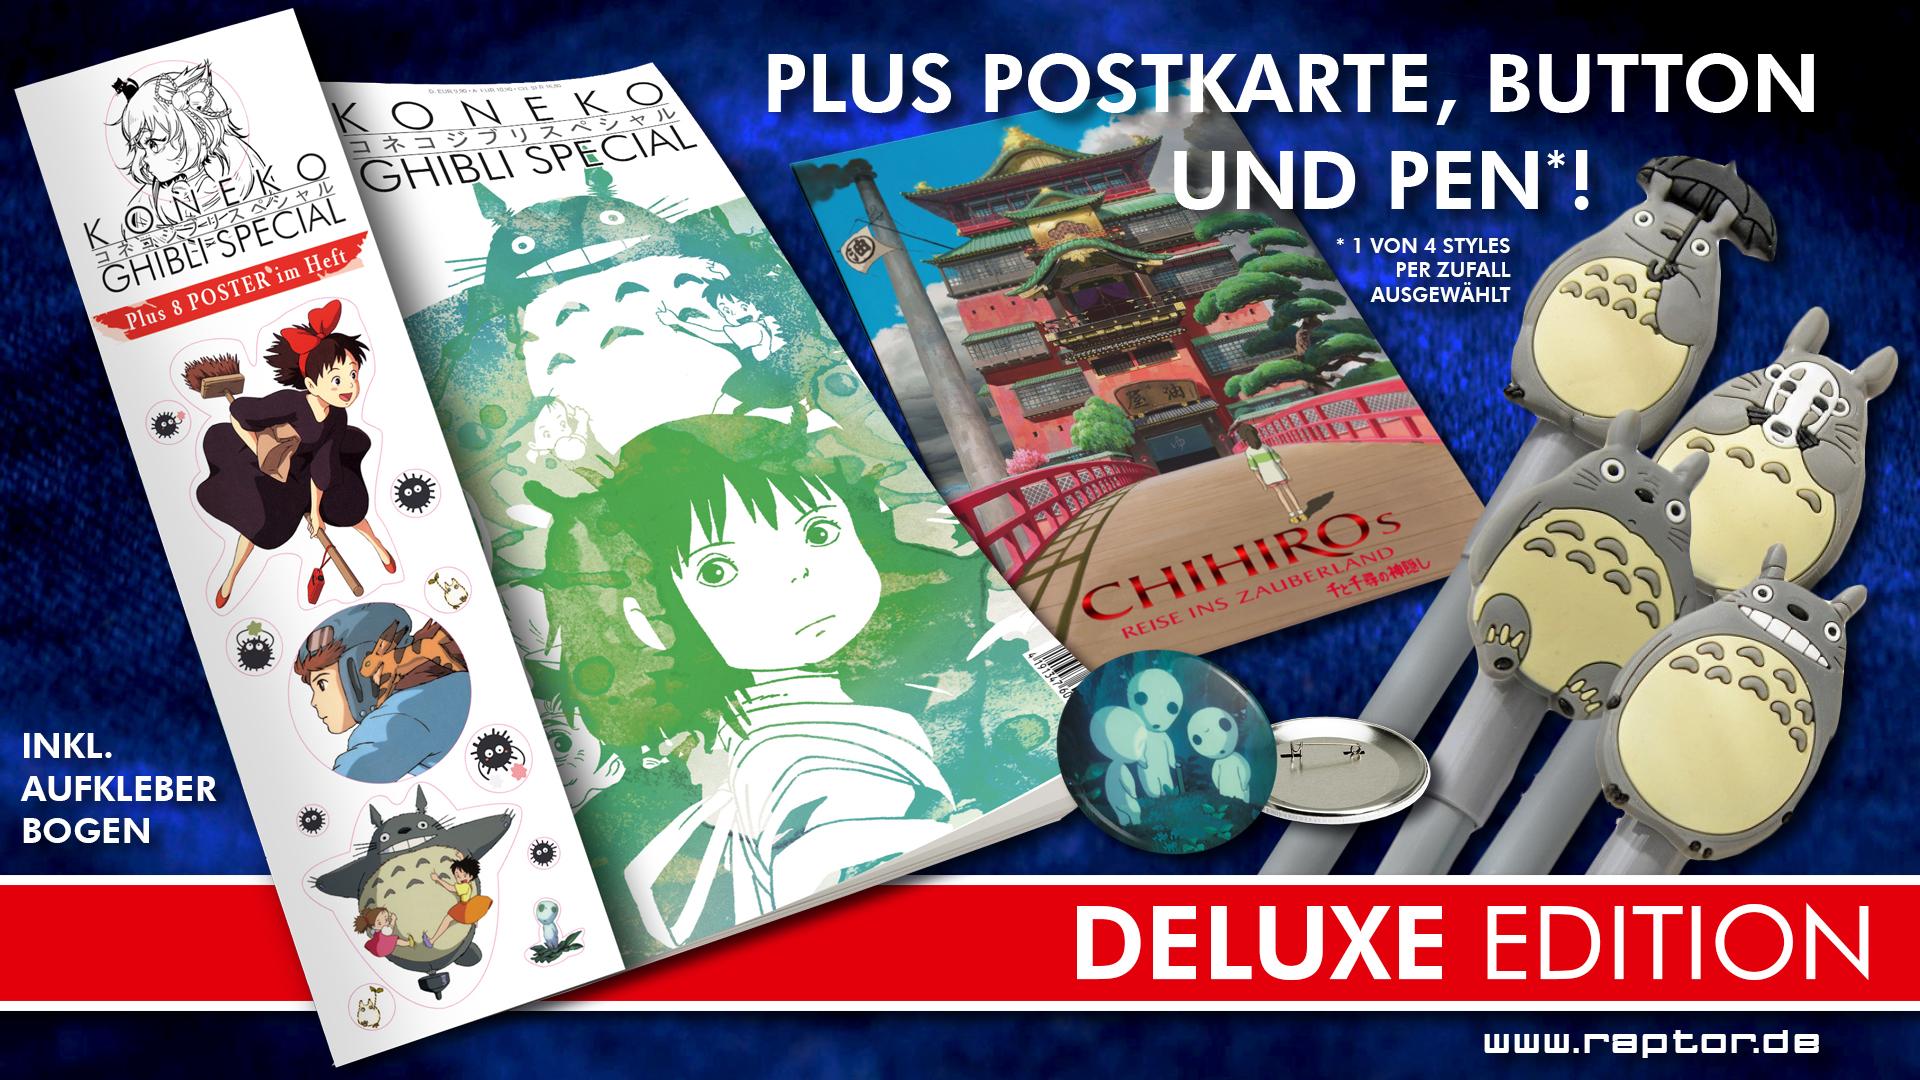 Koneko Ghibli Special Deluxe Edition